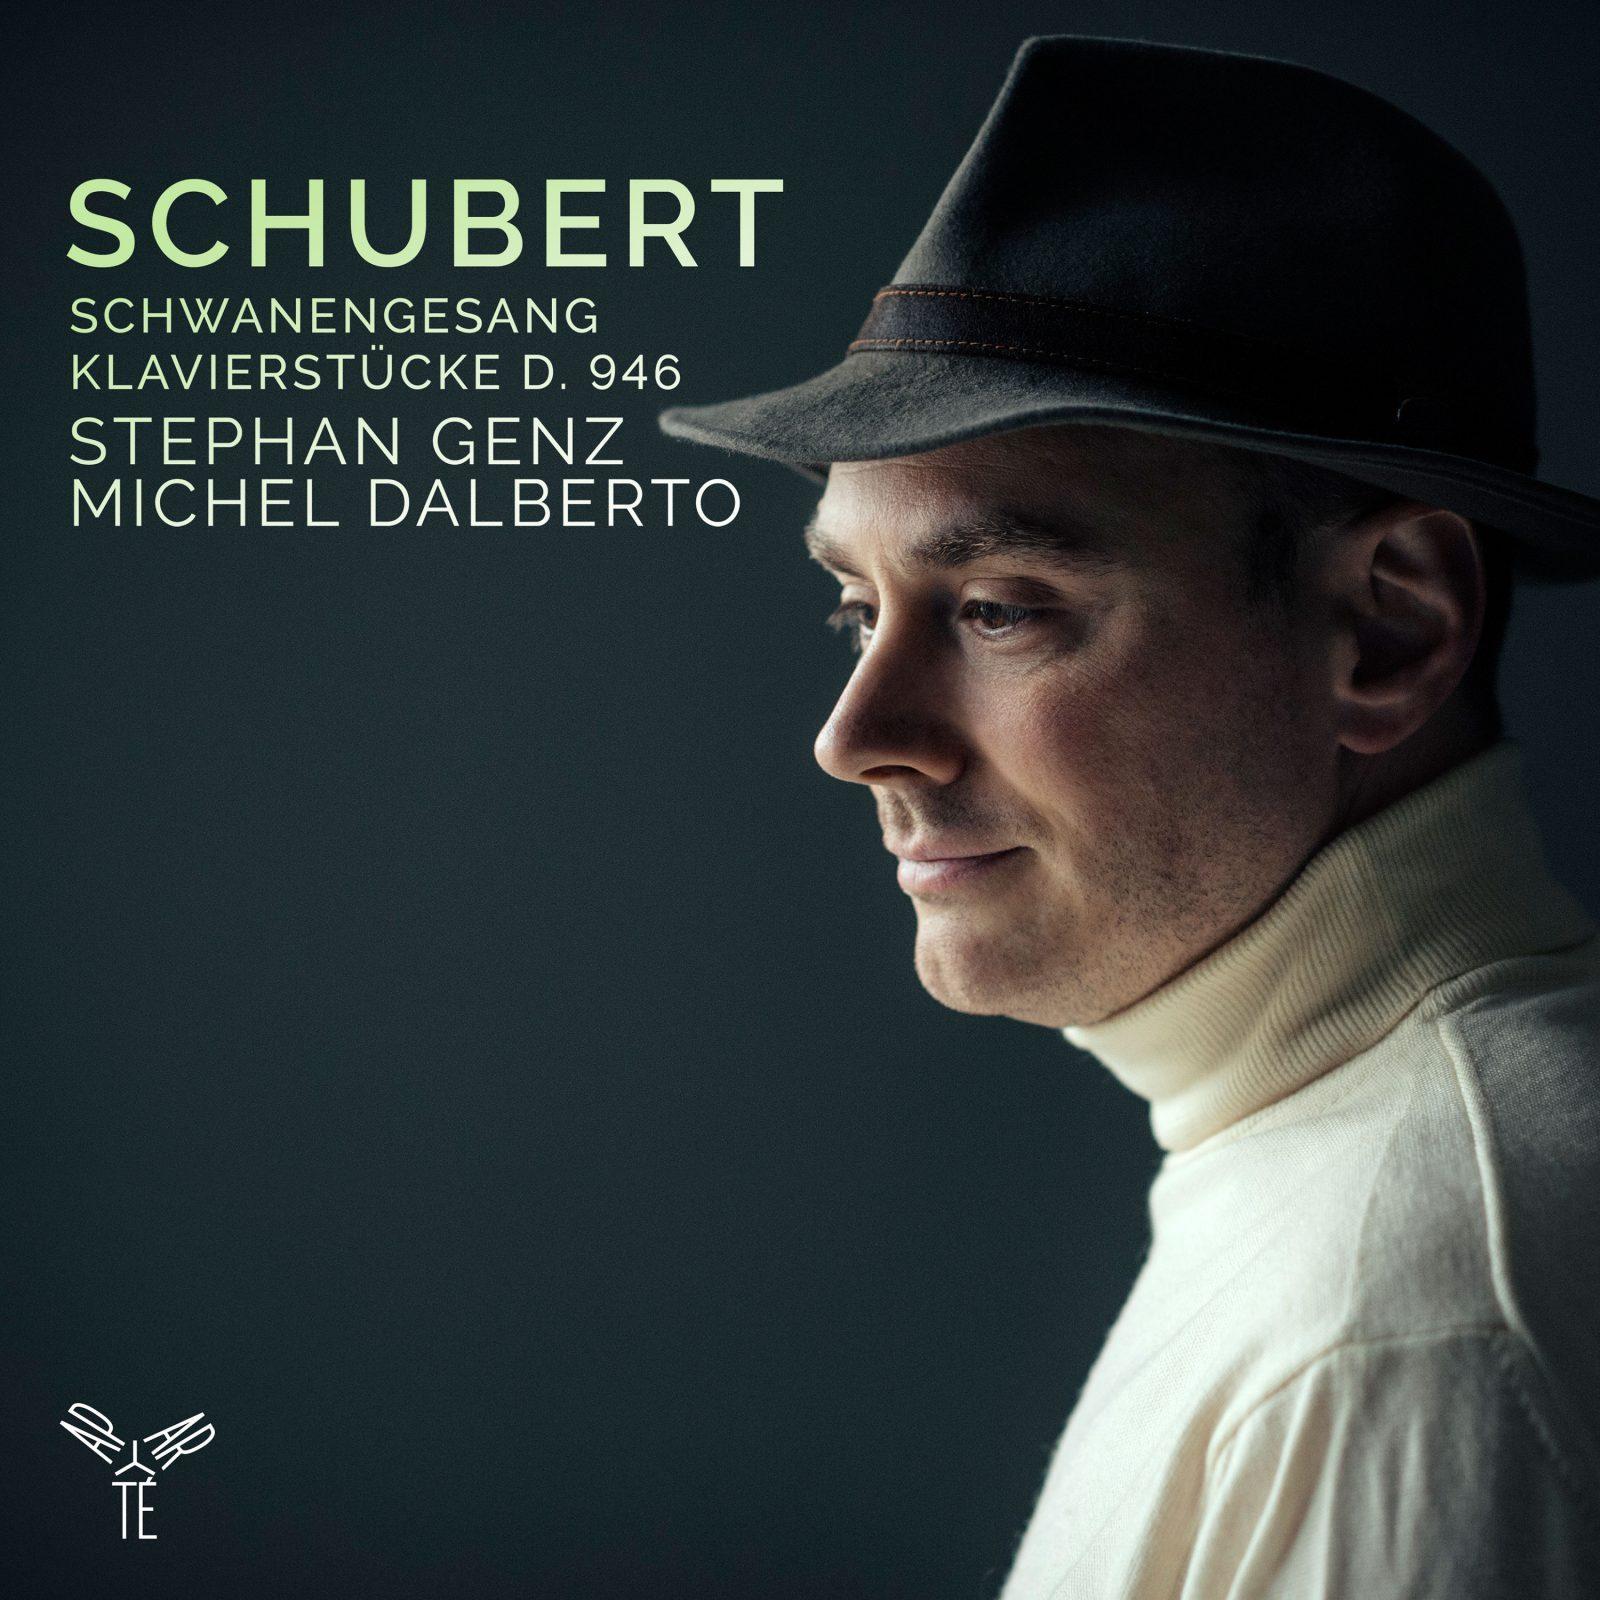 Schubert: Schwanengesang & Klavierstücke